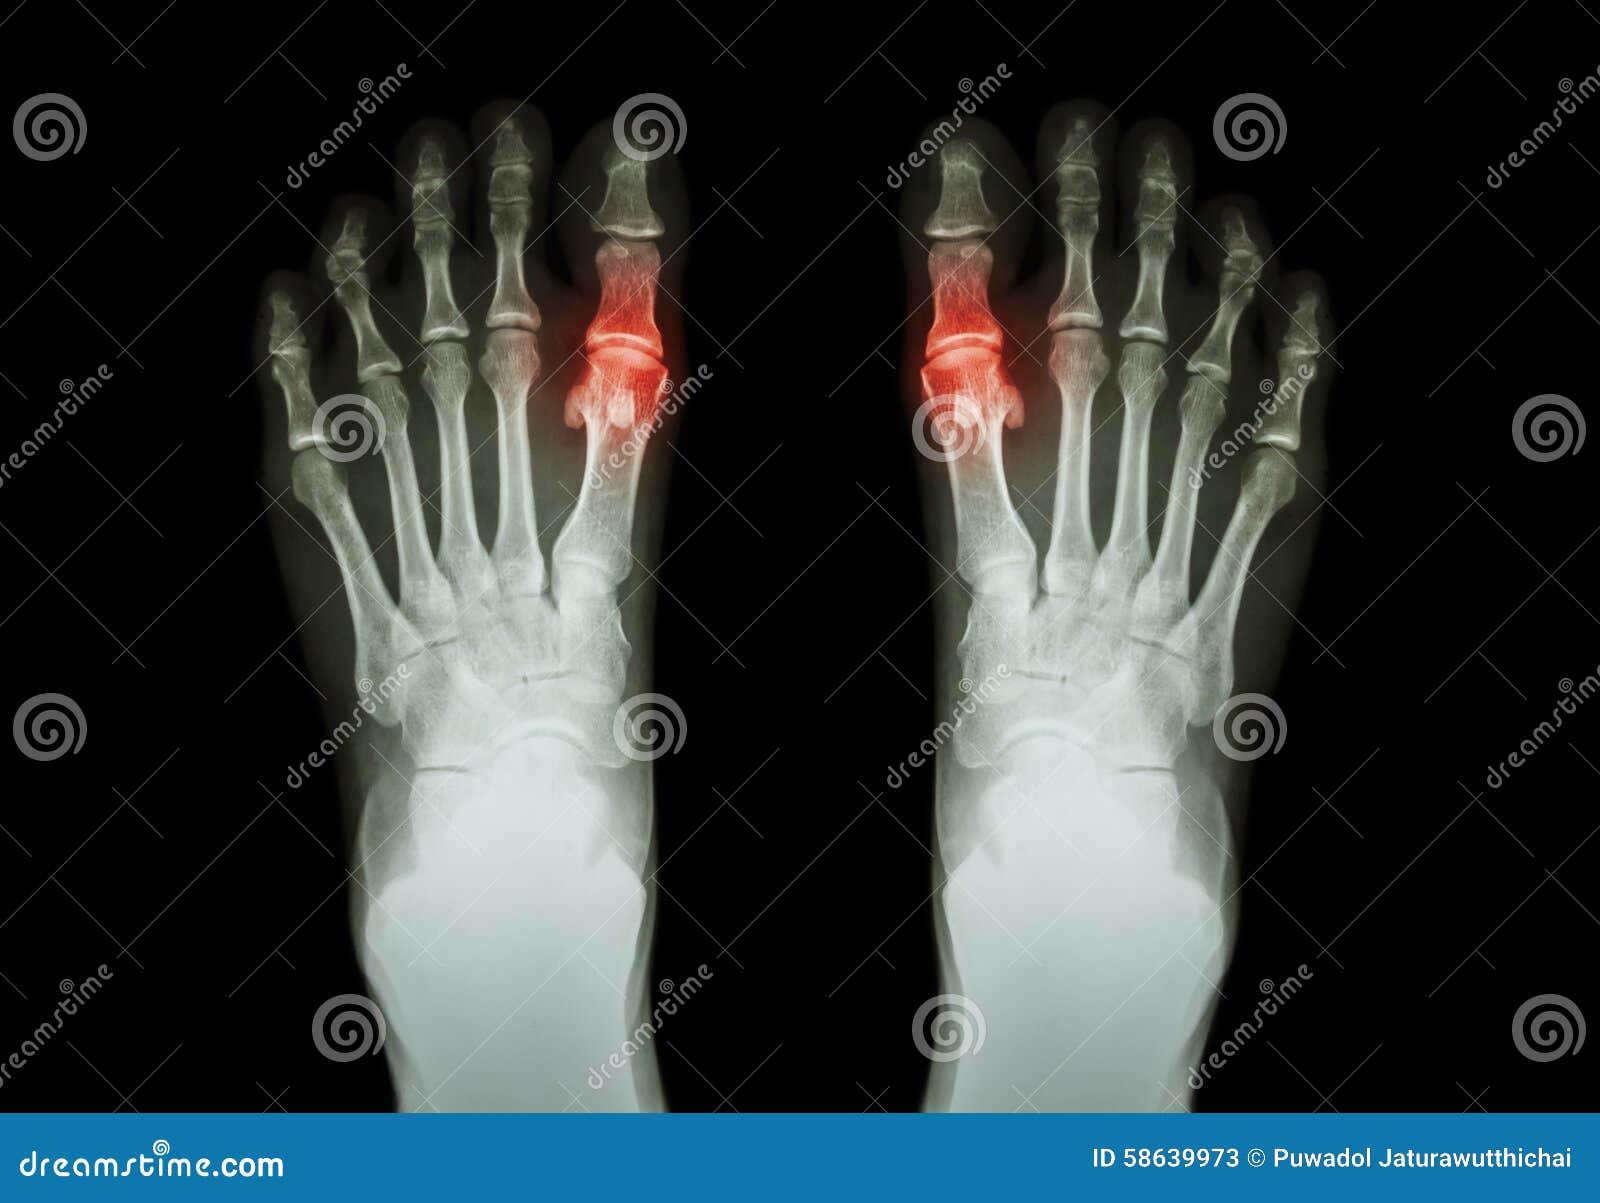 Radiologia delle articolazioni e dei tessuti molli